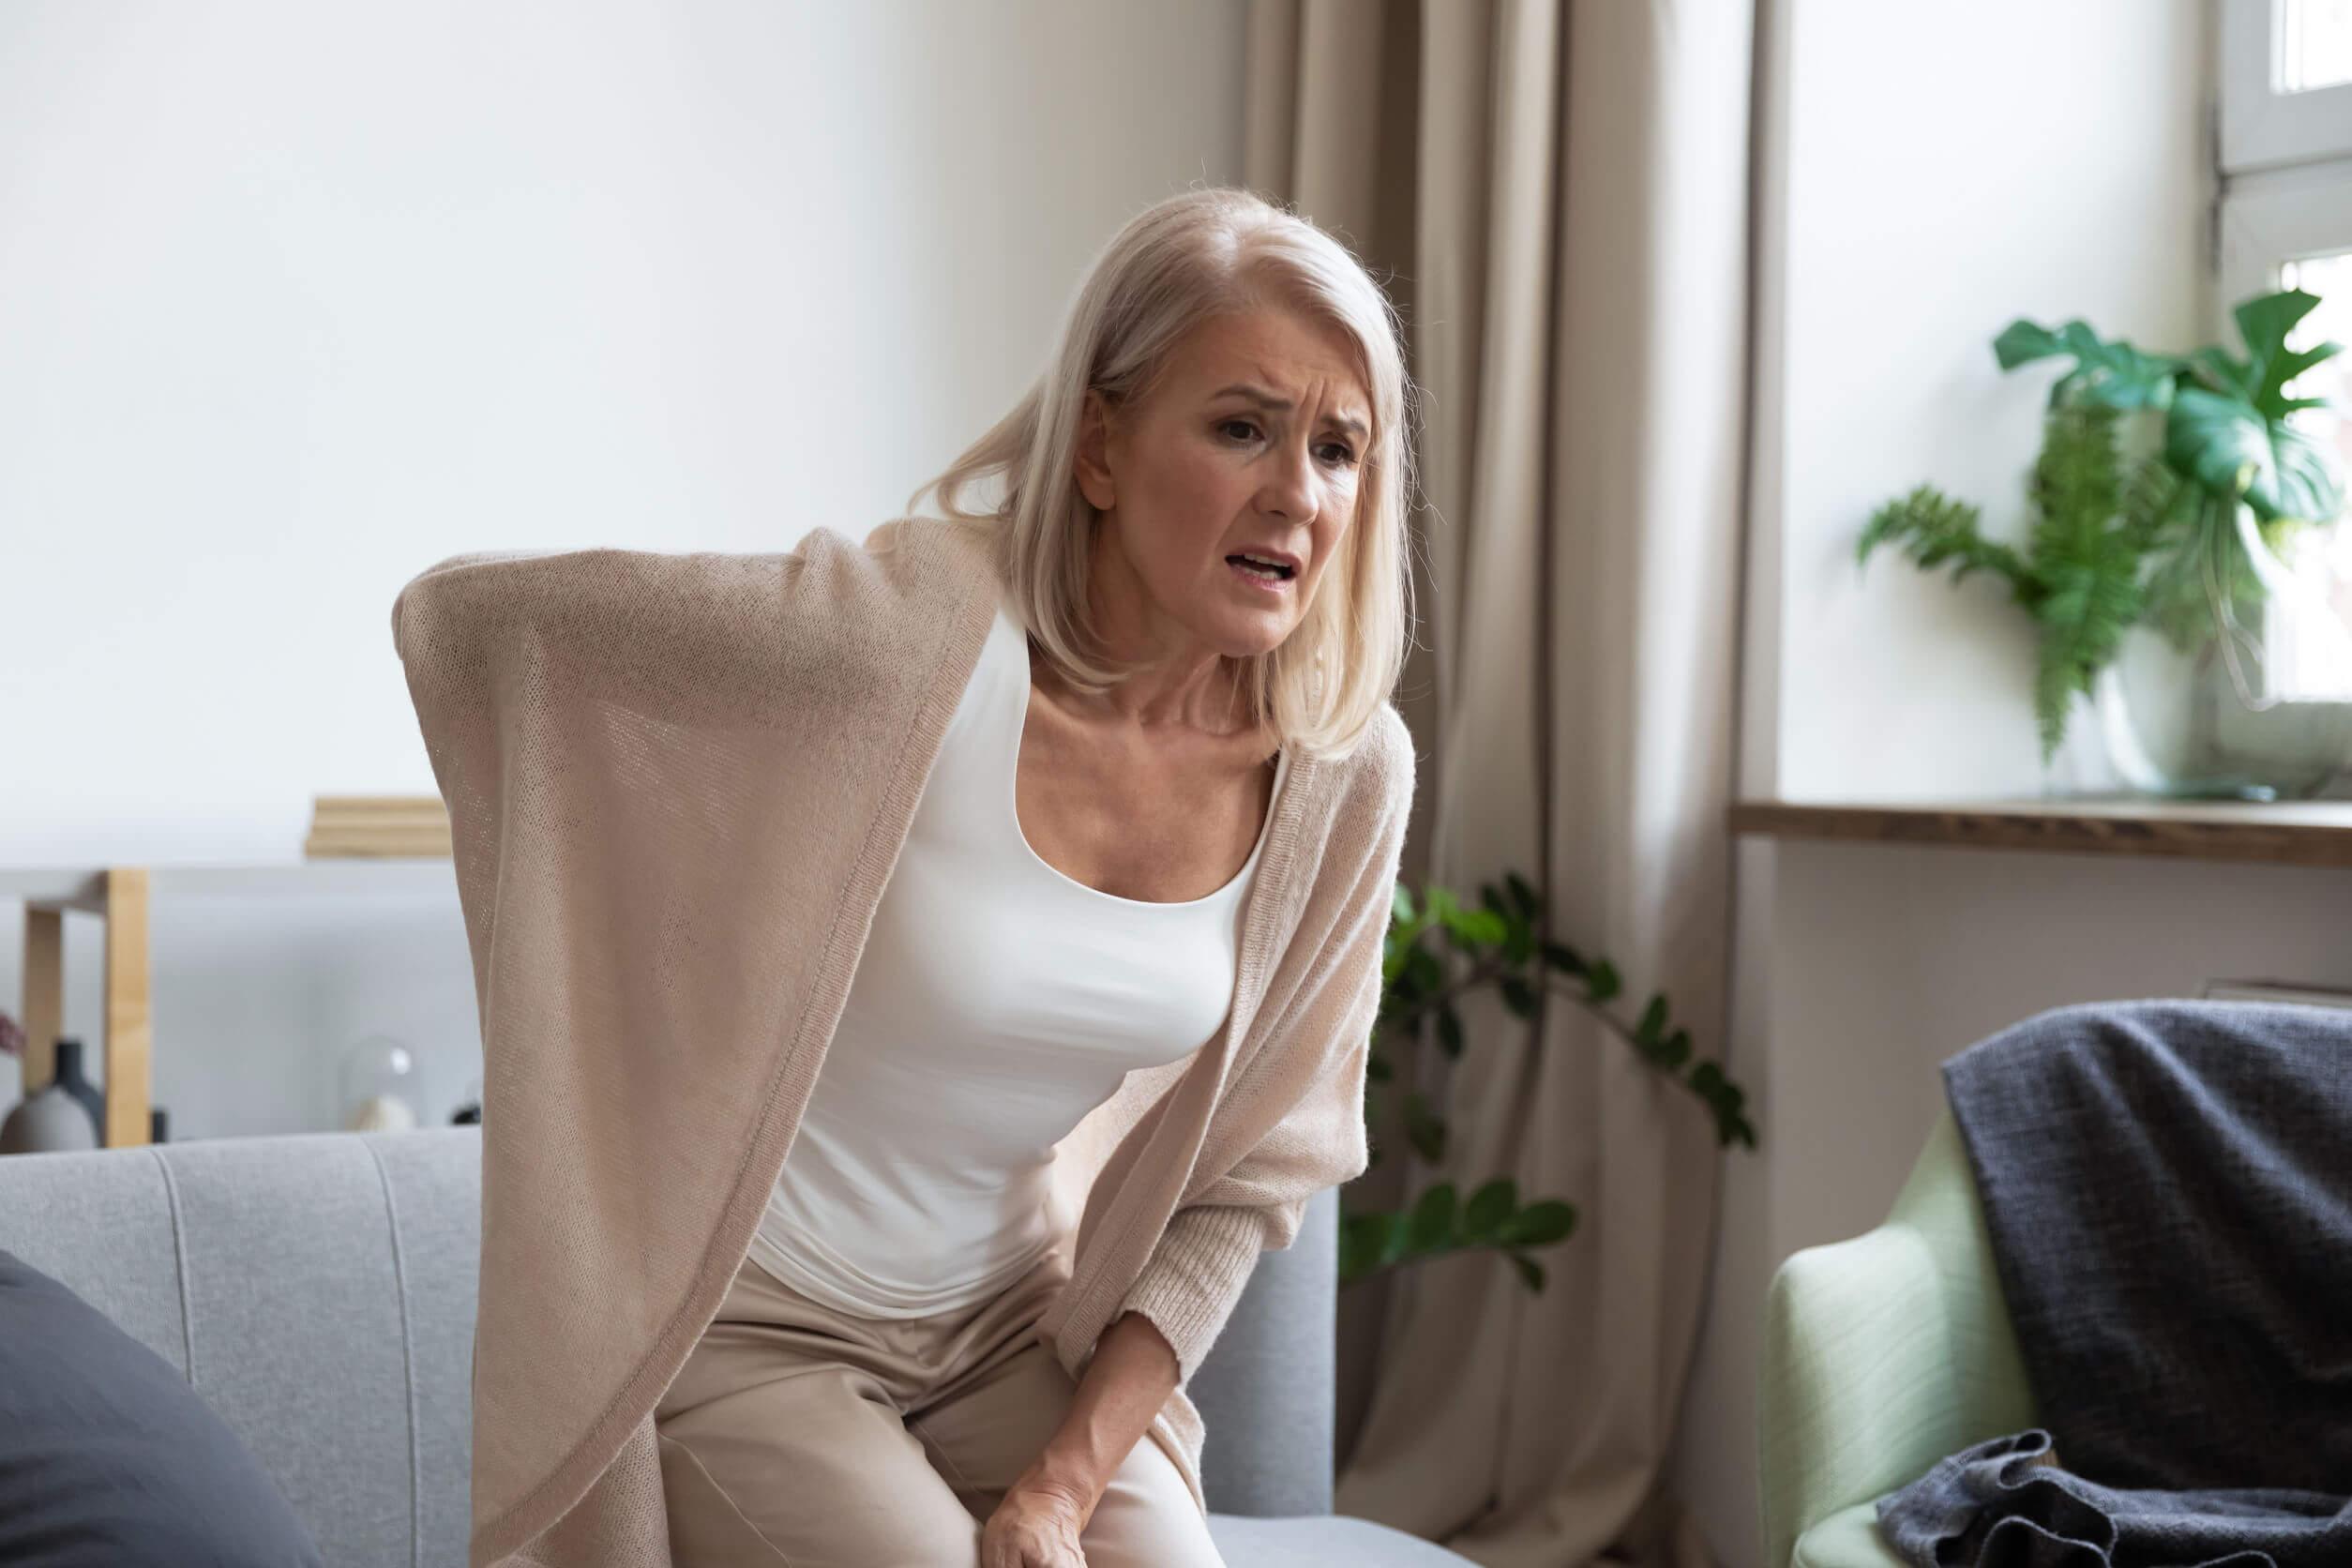 La depresión perimenopáusica puede ser favorecida por otras enfermedades